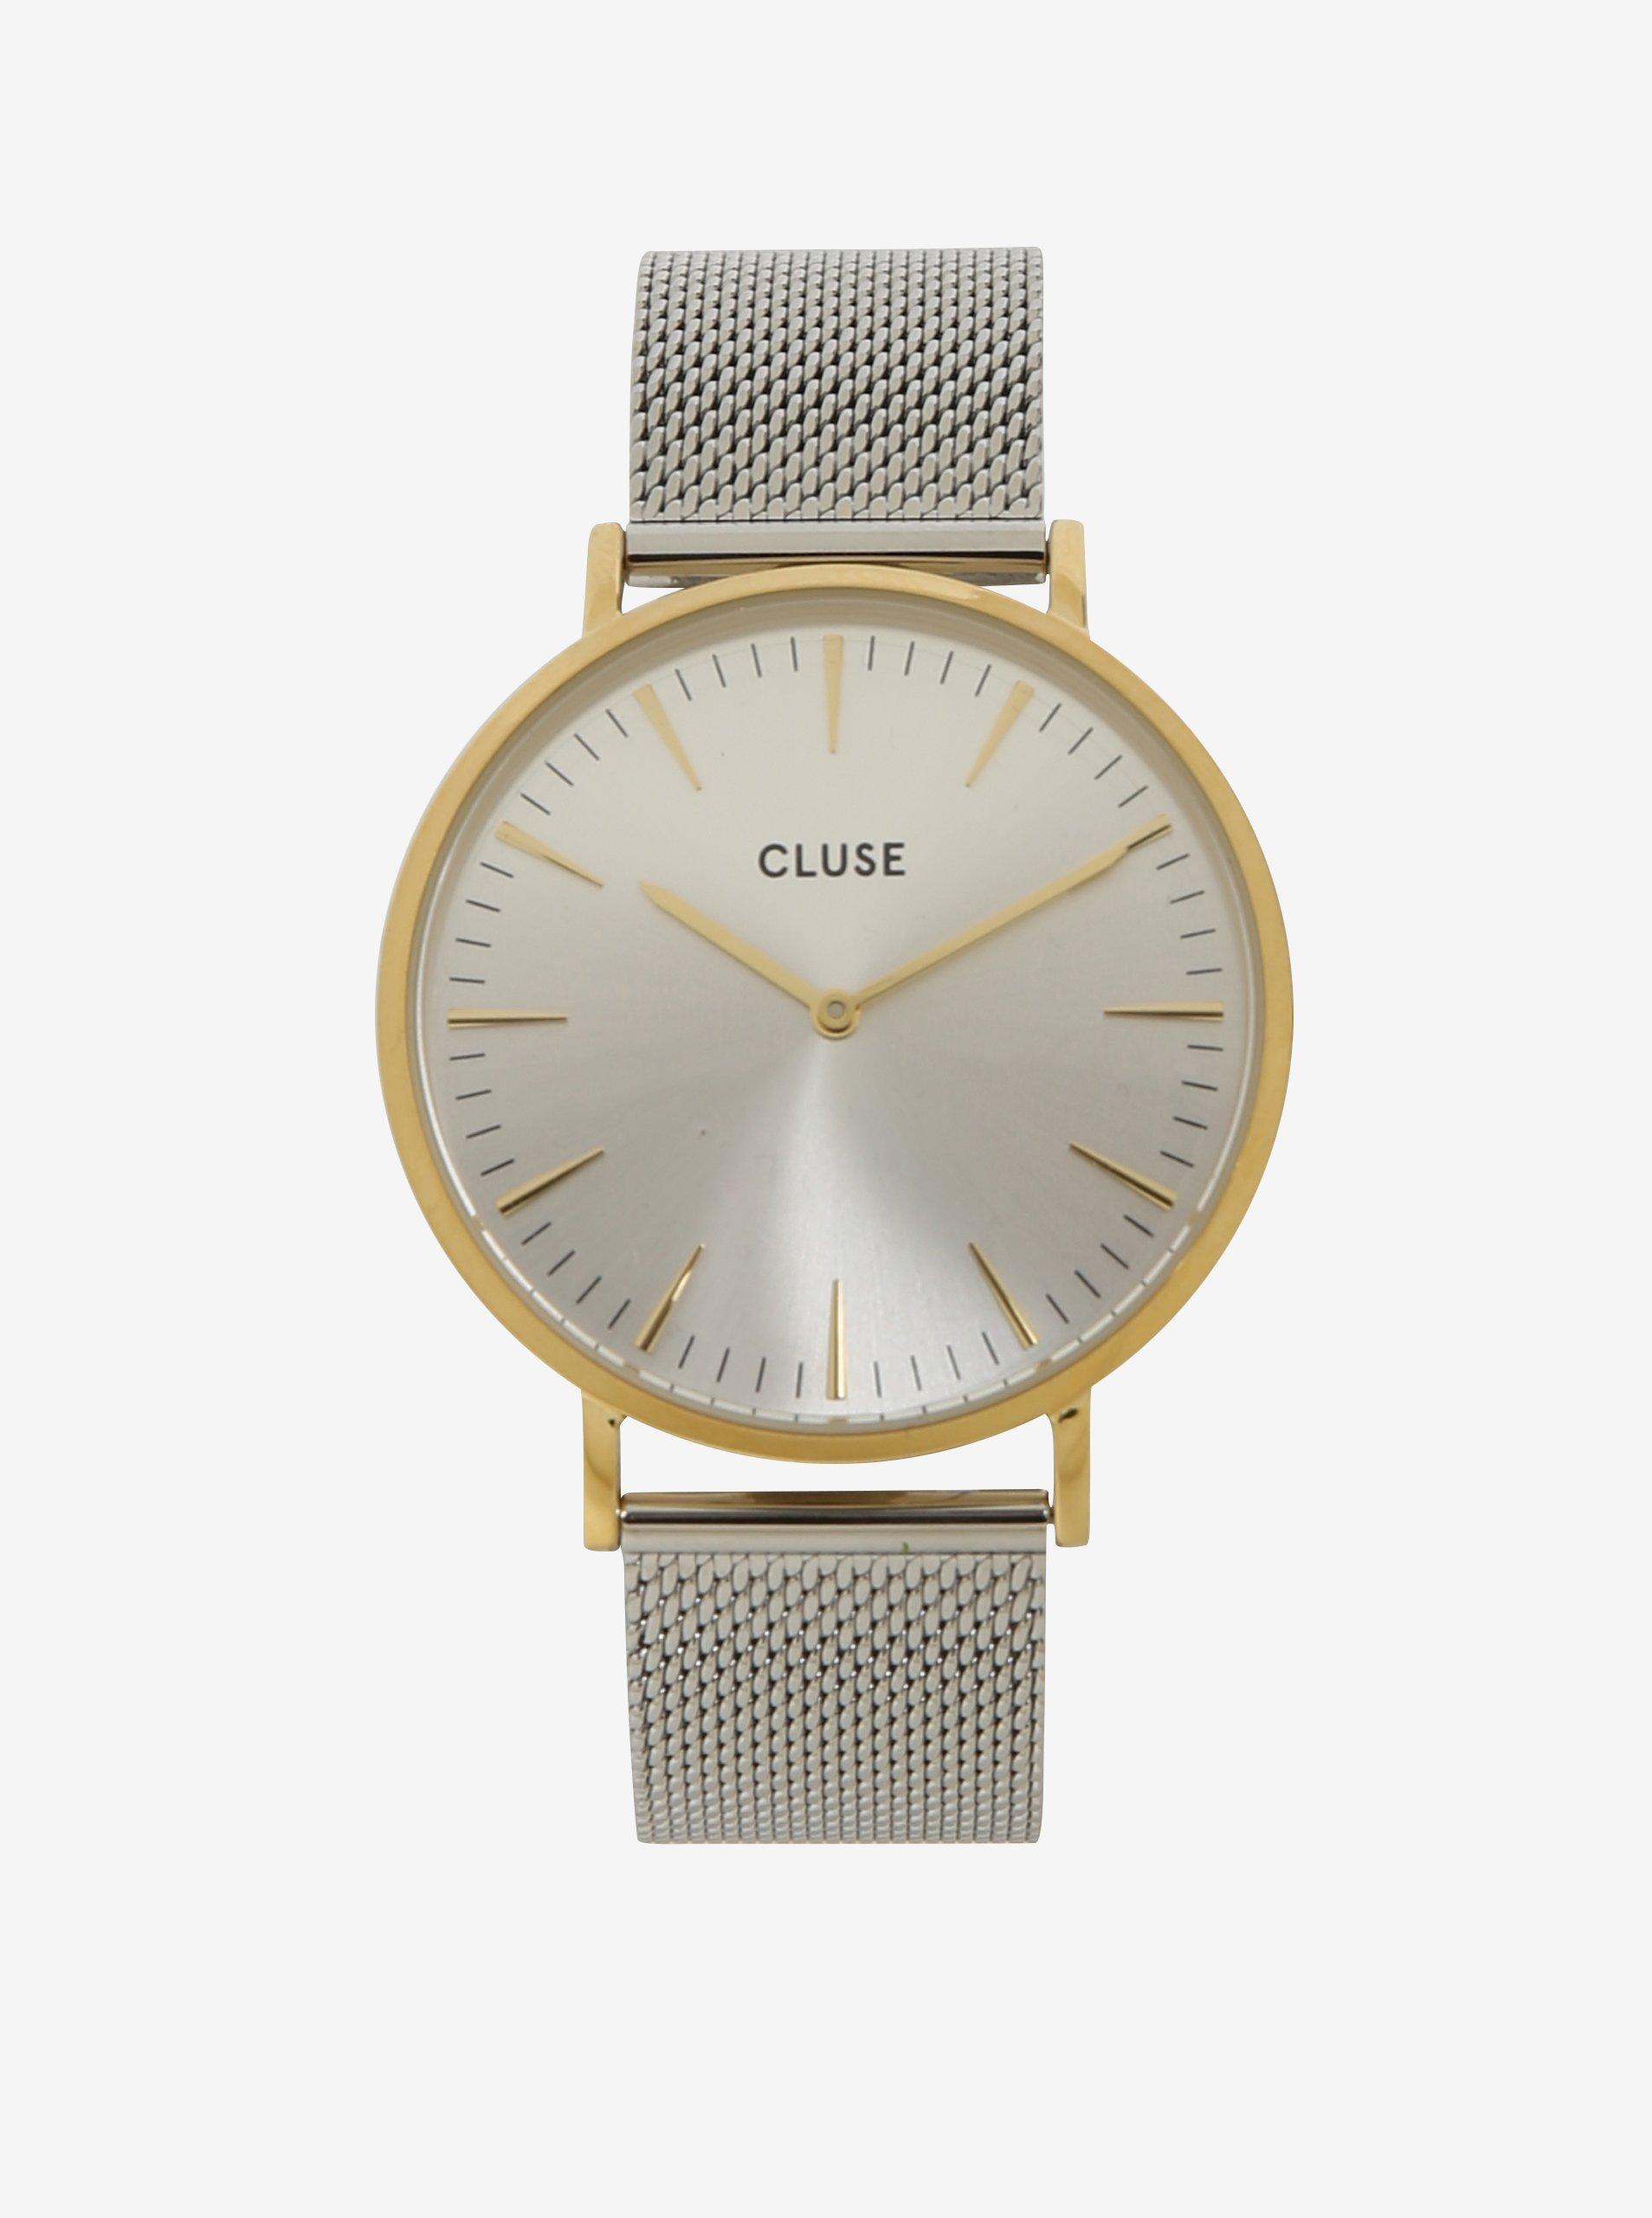 Dámské hodinky zlaté a stříbrné barvě CLUSE